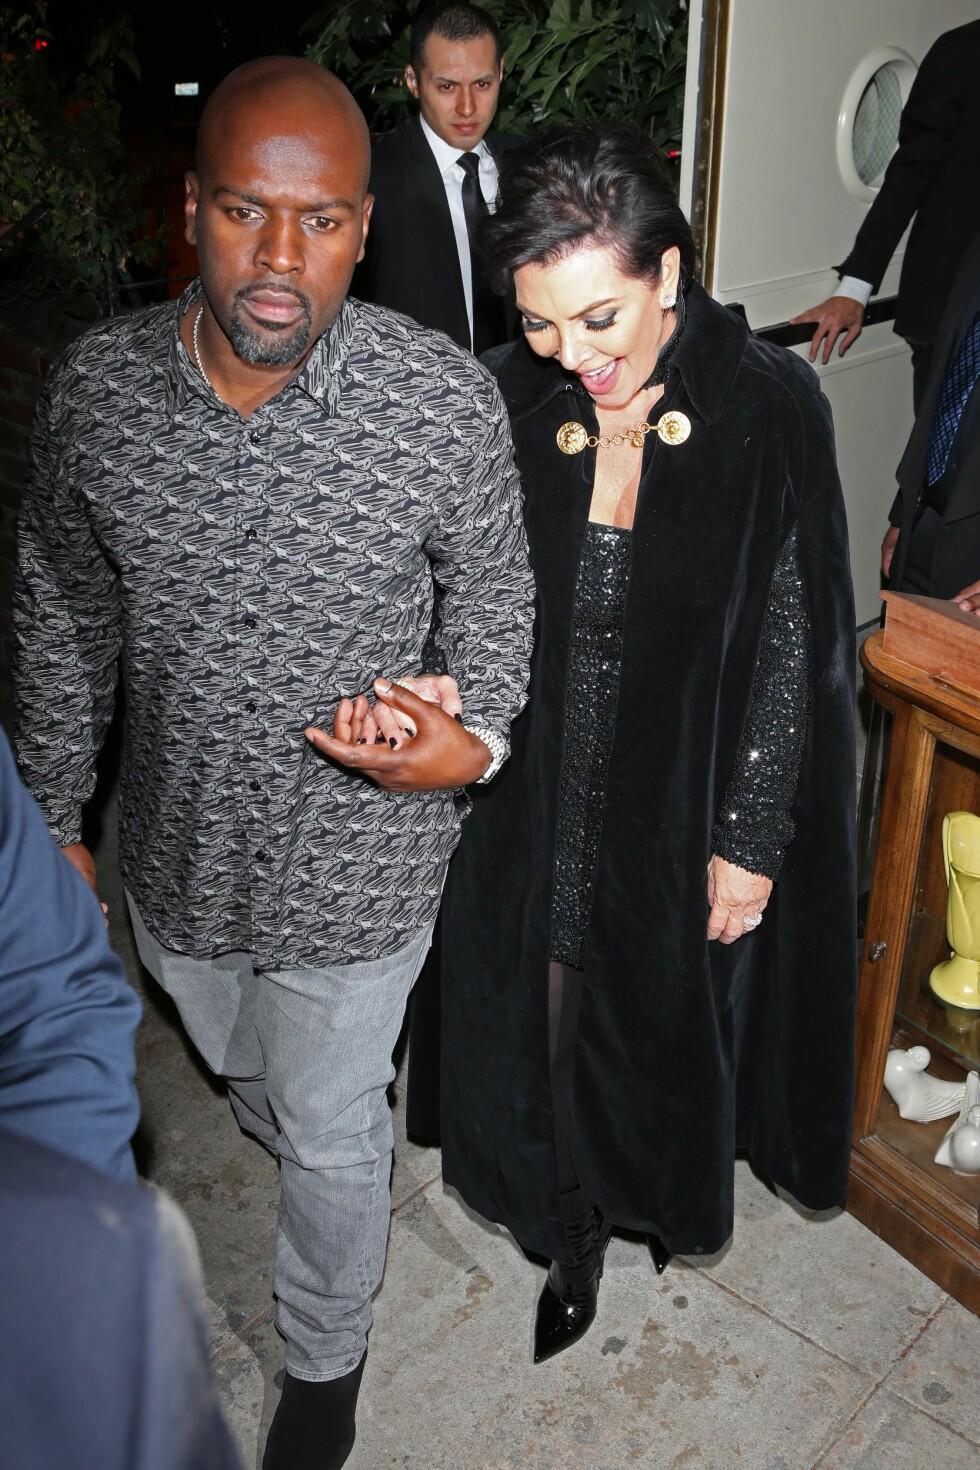 FORNØYD: Mamma Kris Jenner smiler fra øre til øre sammen med kjæresten Corey Gamble. Foto: Xposure